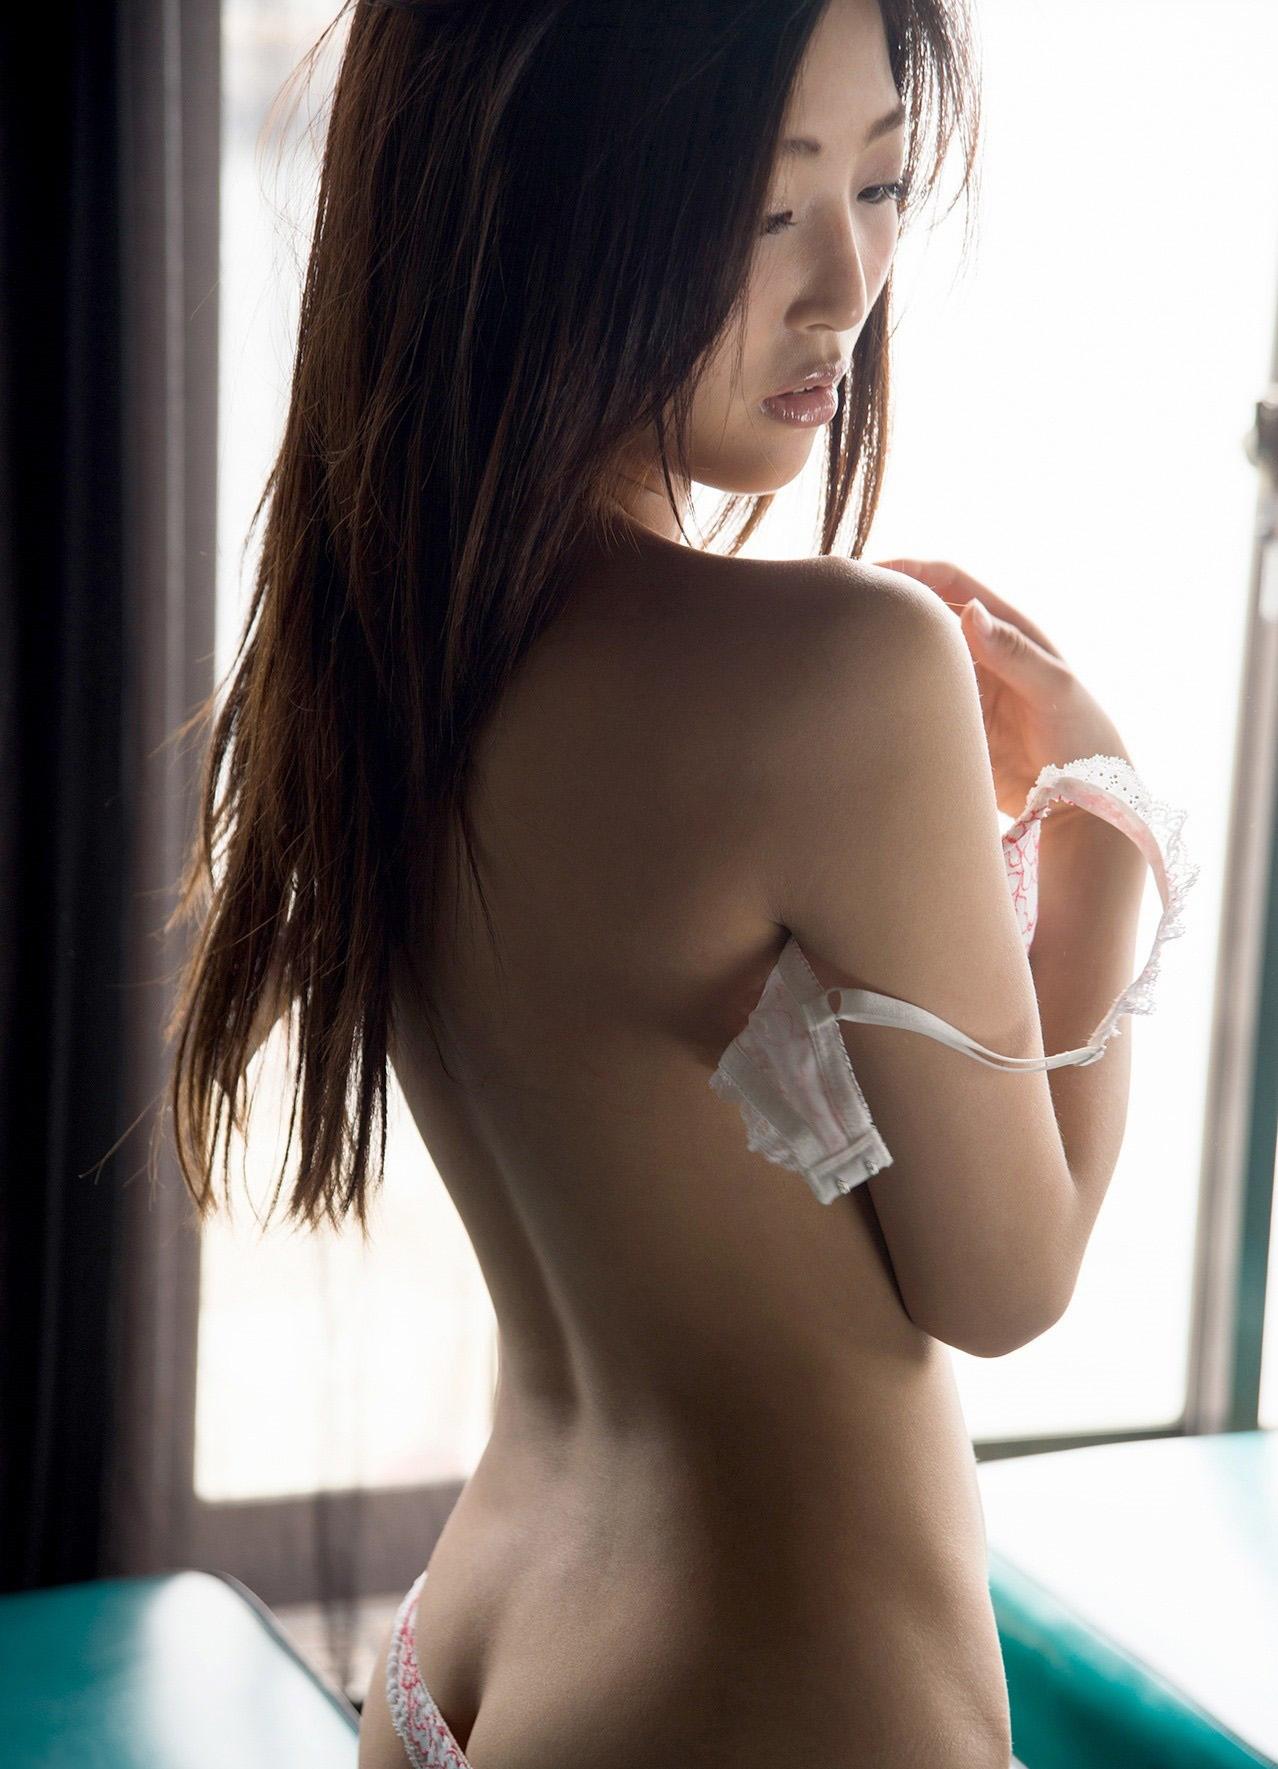 【脱衣エロ画像】ホックは慎重に外しましょうw全部見えるまで焦らない脱ぎ乳www 08